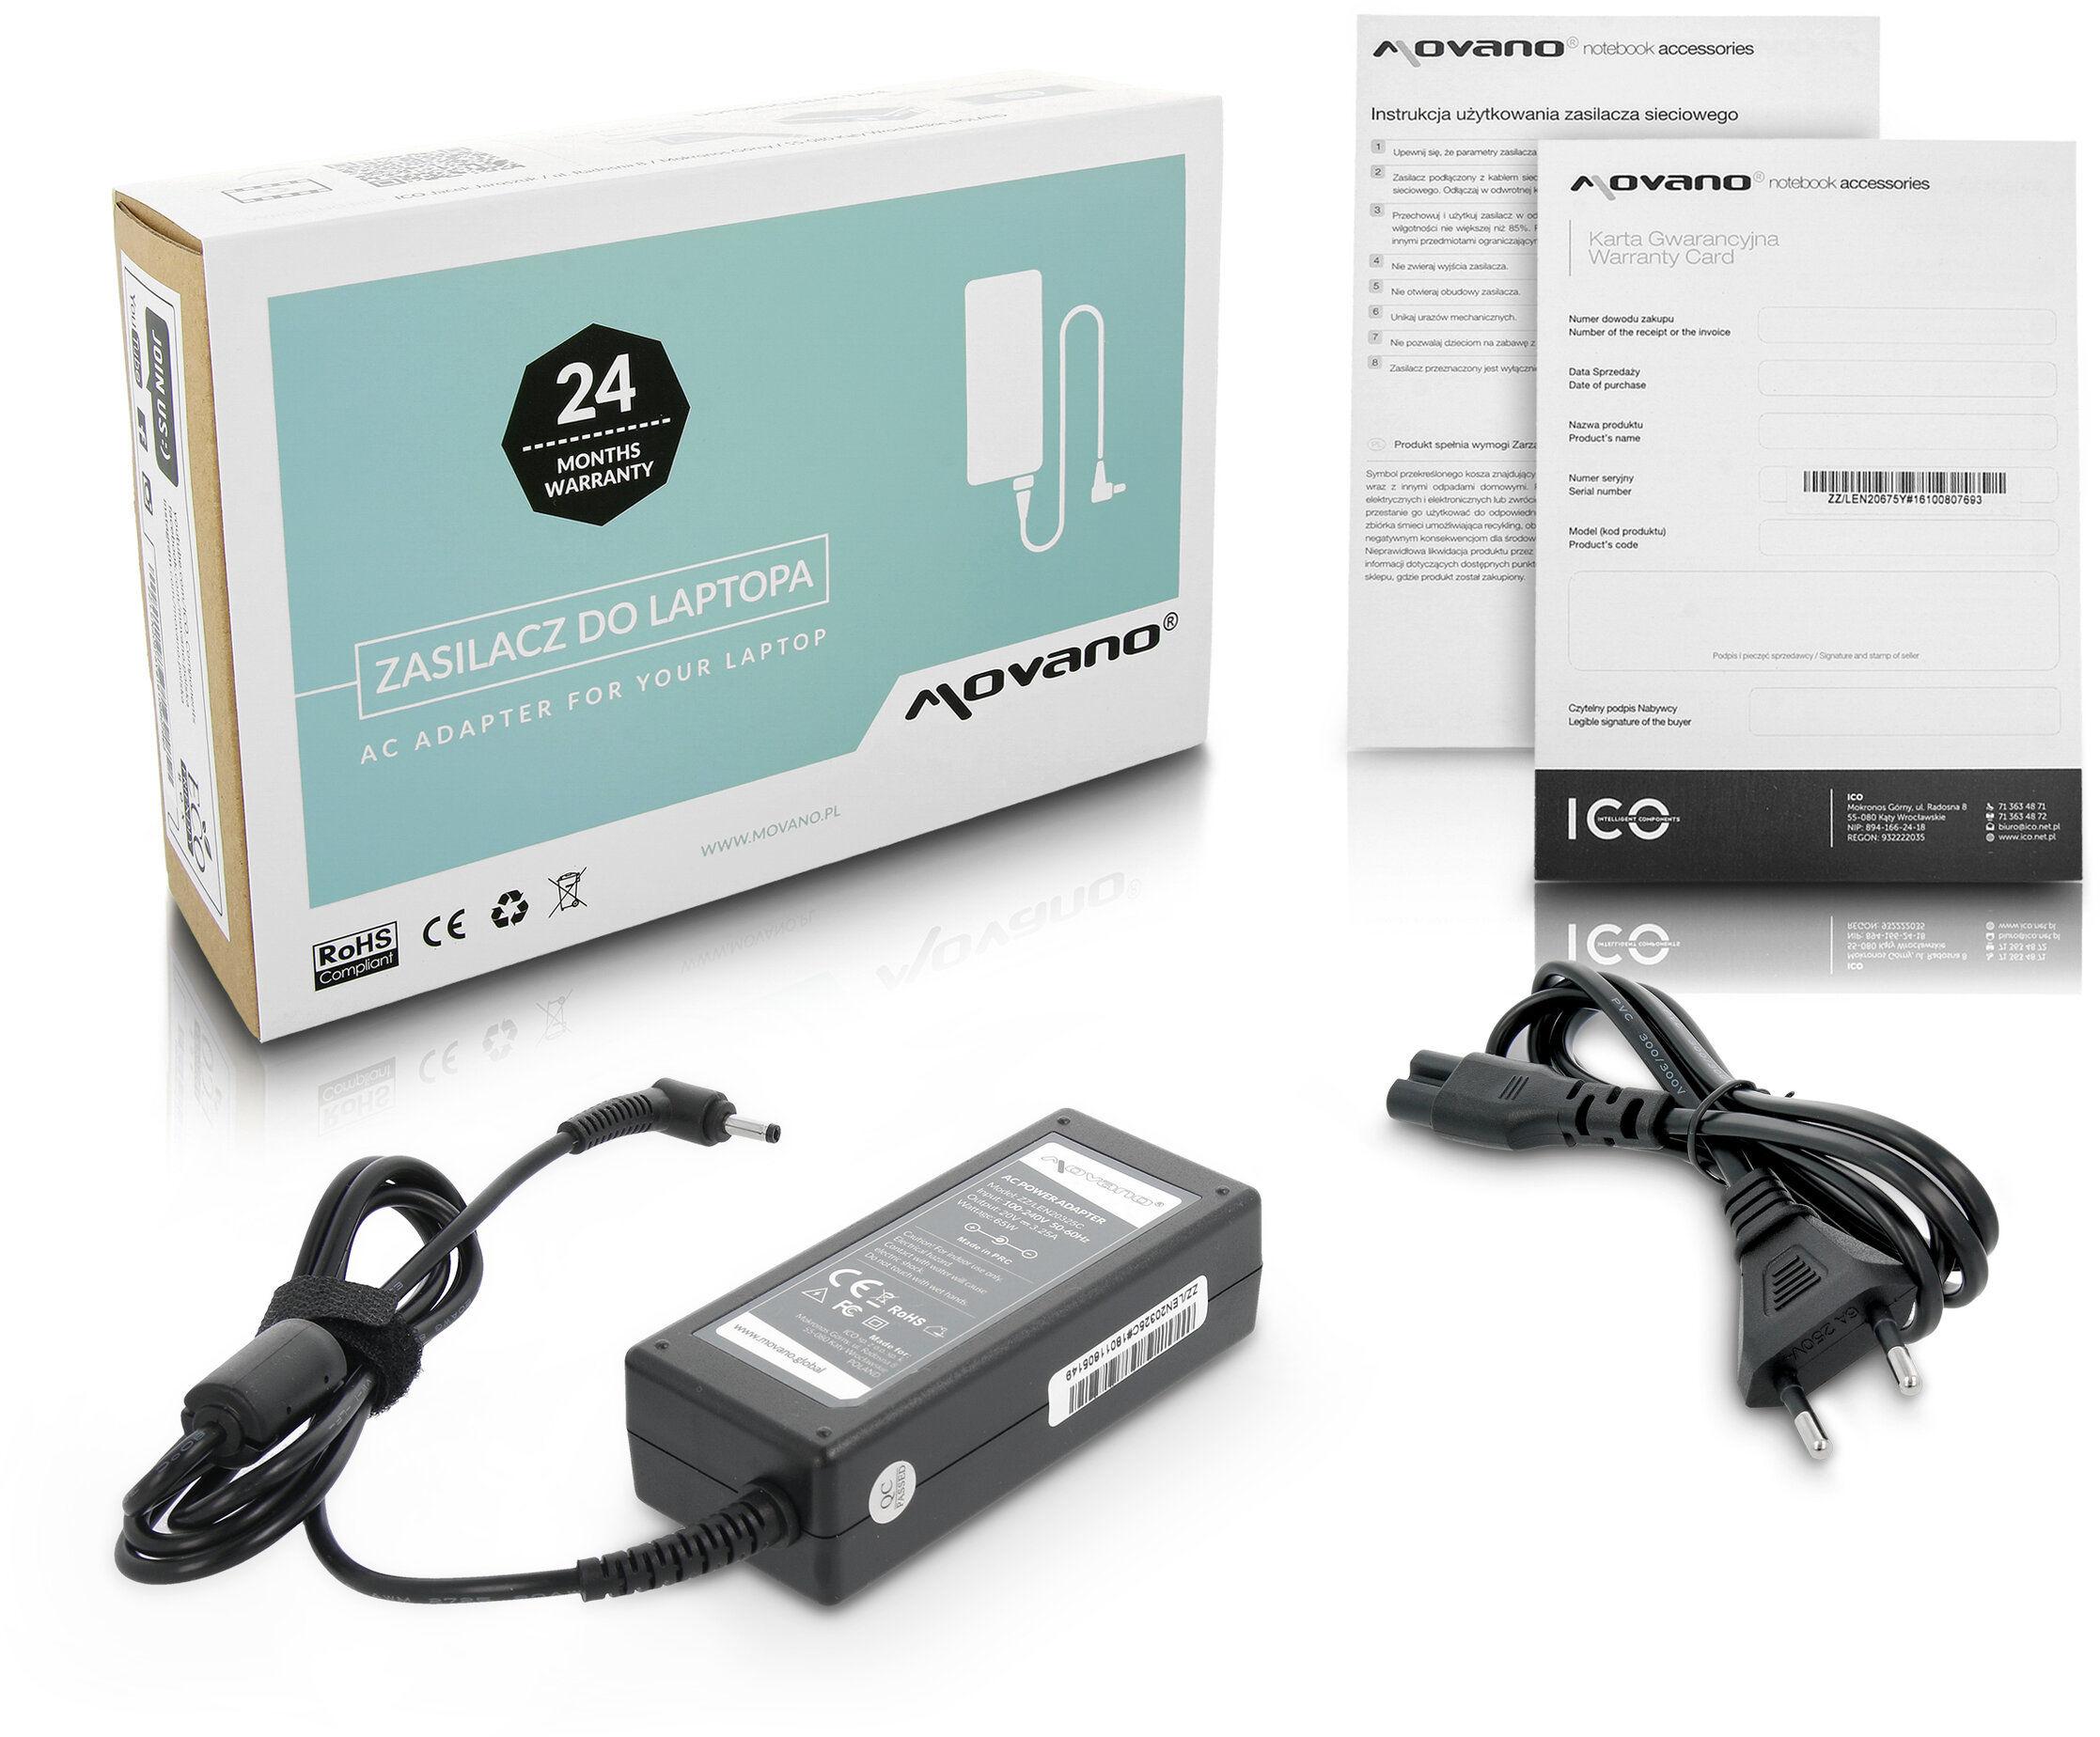 Zasilacz Movano 20v 3.25a (4.0x1.7) Lenovo IdeaPad 100 100-14, 100-14IBD, 100-14IBY